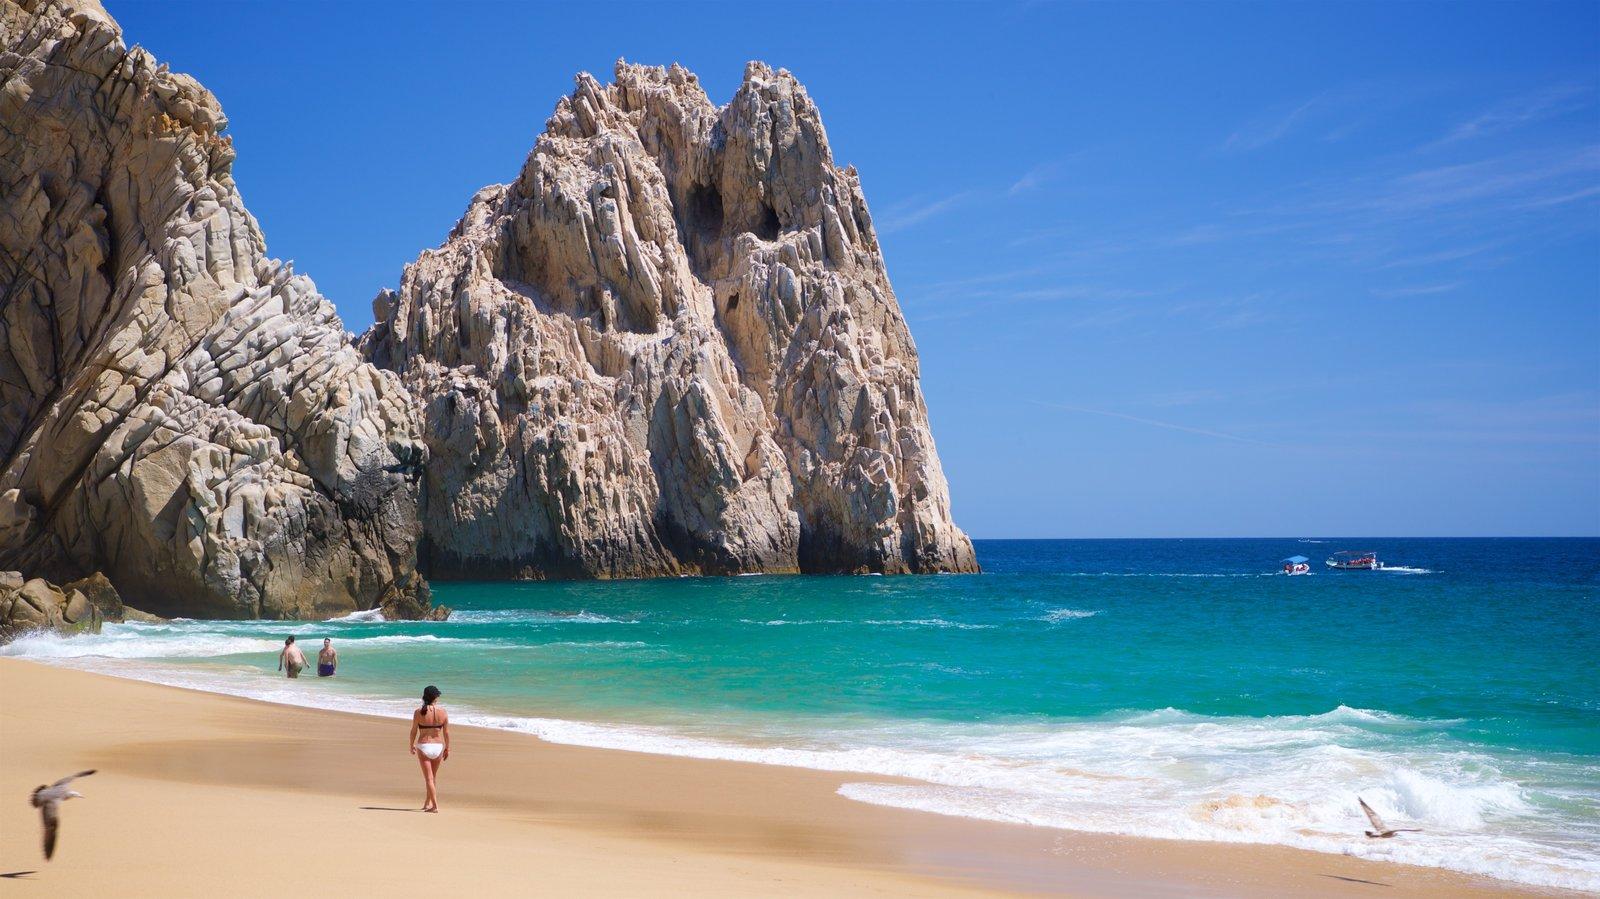 Playa Divorce mostrando una playa de arena, costa rocosa y vistas generales de la costa